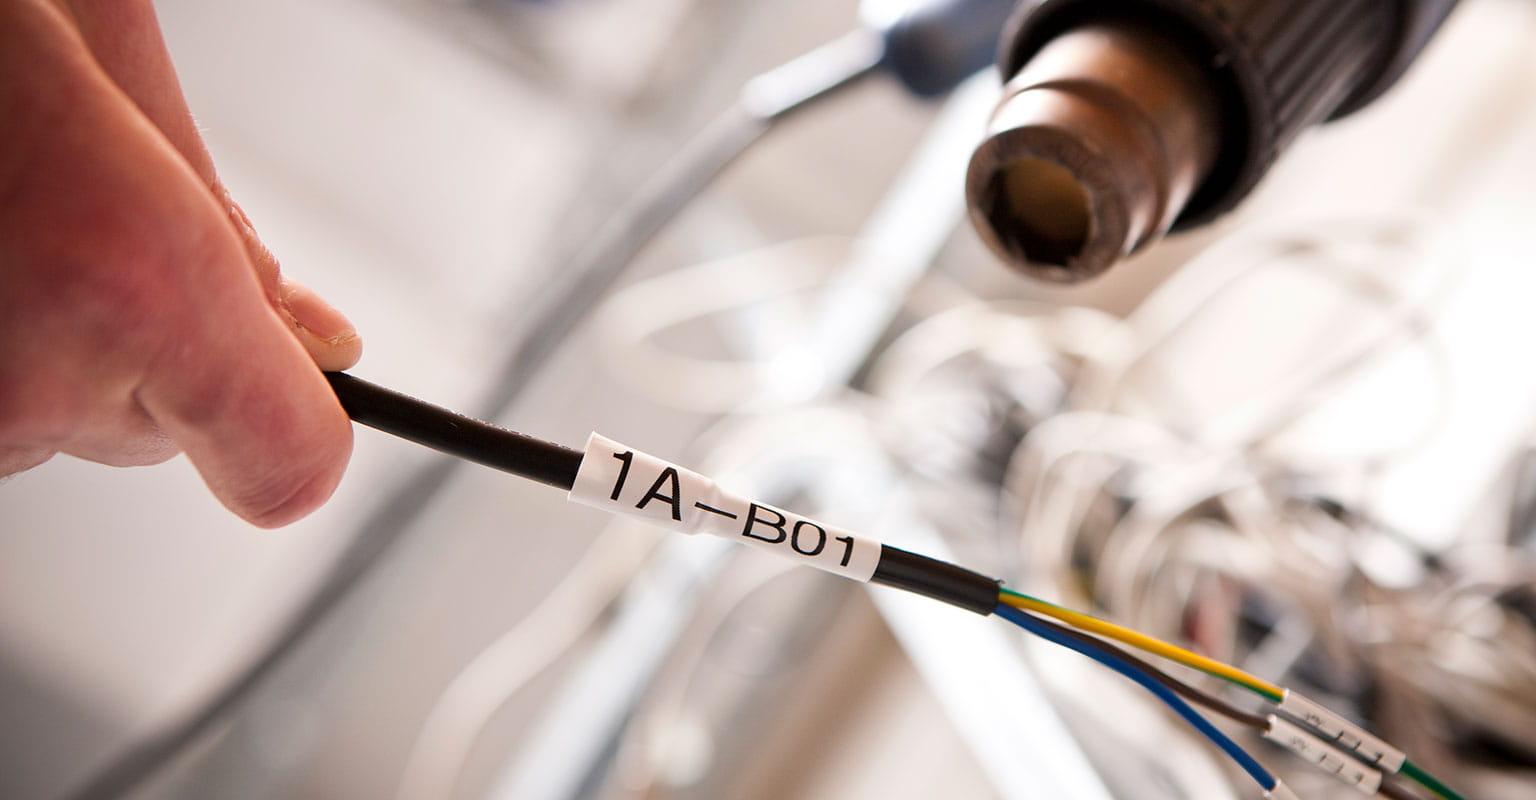 Termoskrčljiva cevka Brother, ki se namesti okoli kabla